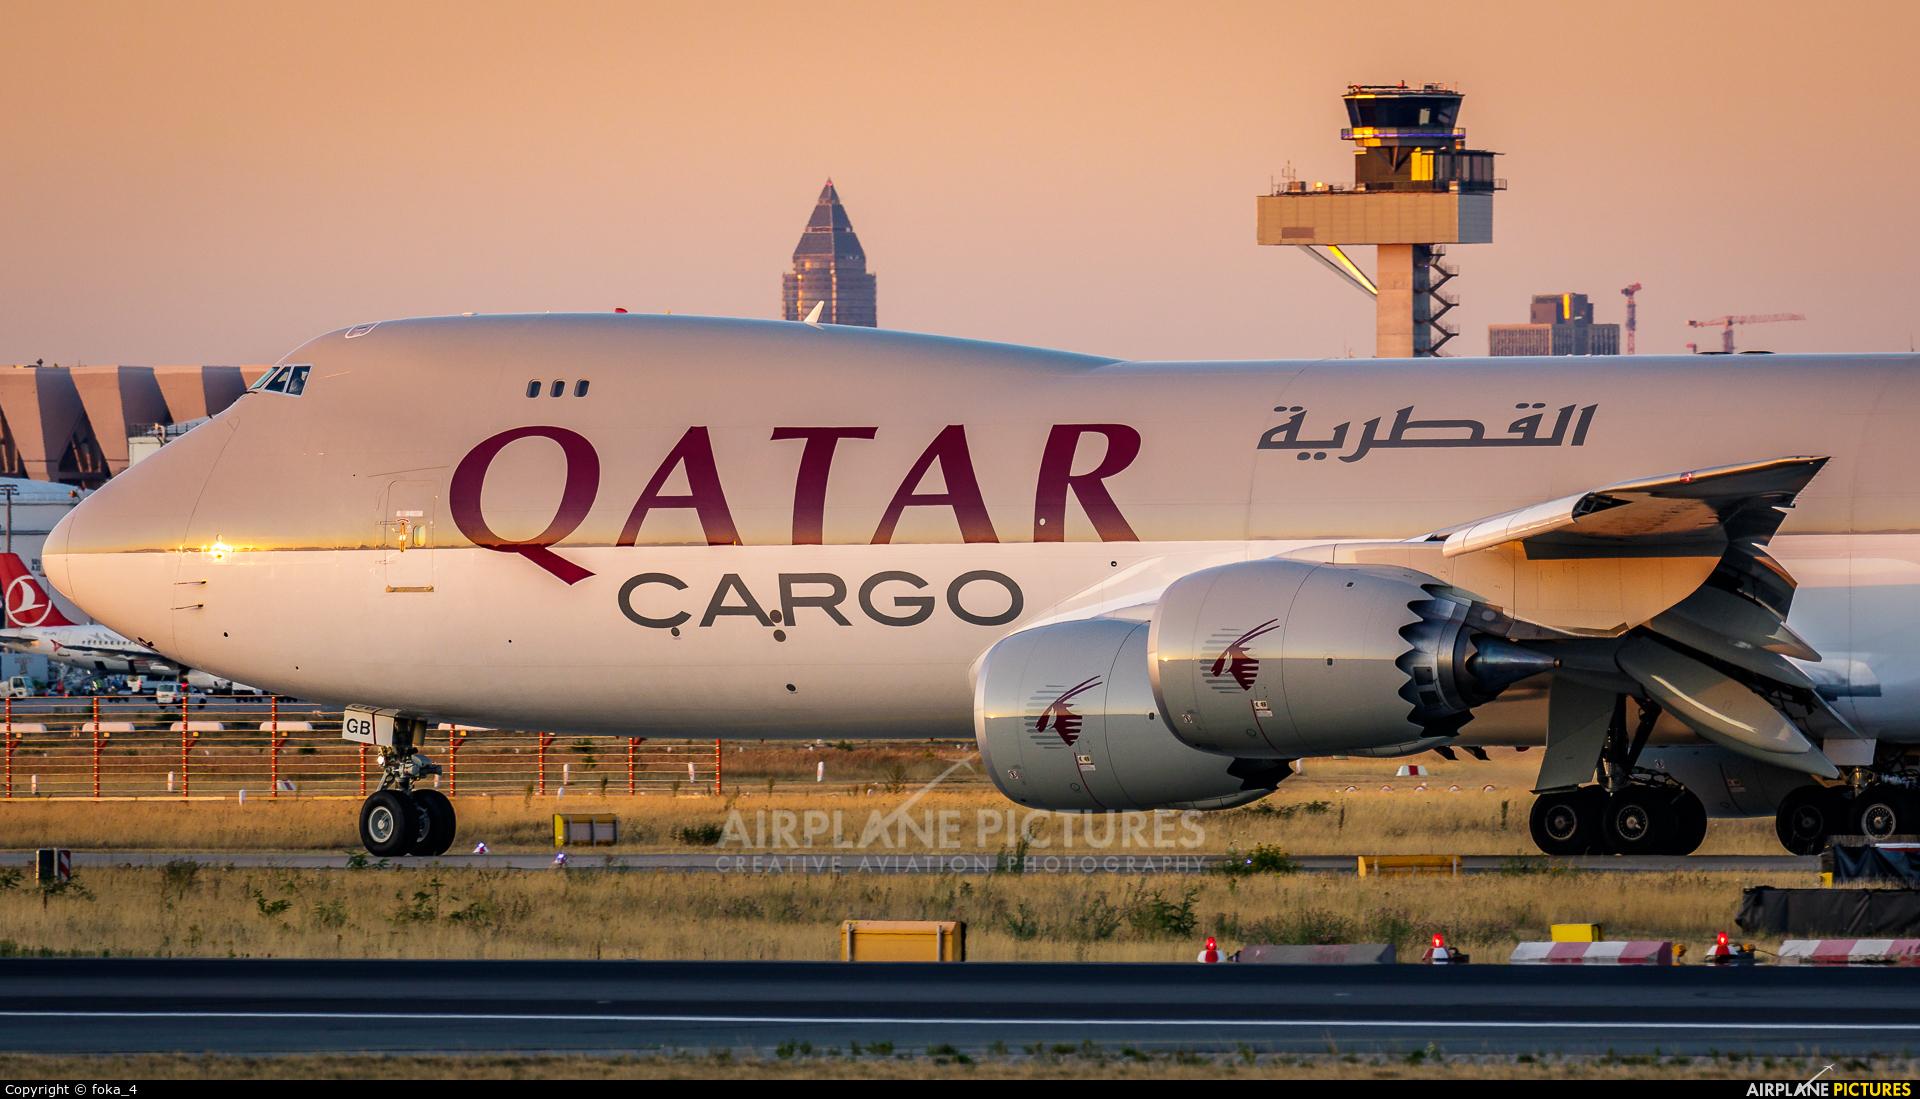 Qatar Airways Cargo A7-BGB aircraft at Frankfurt